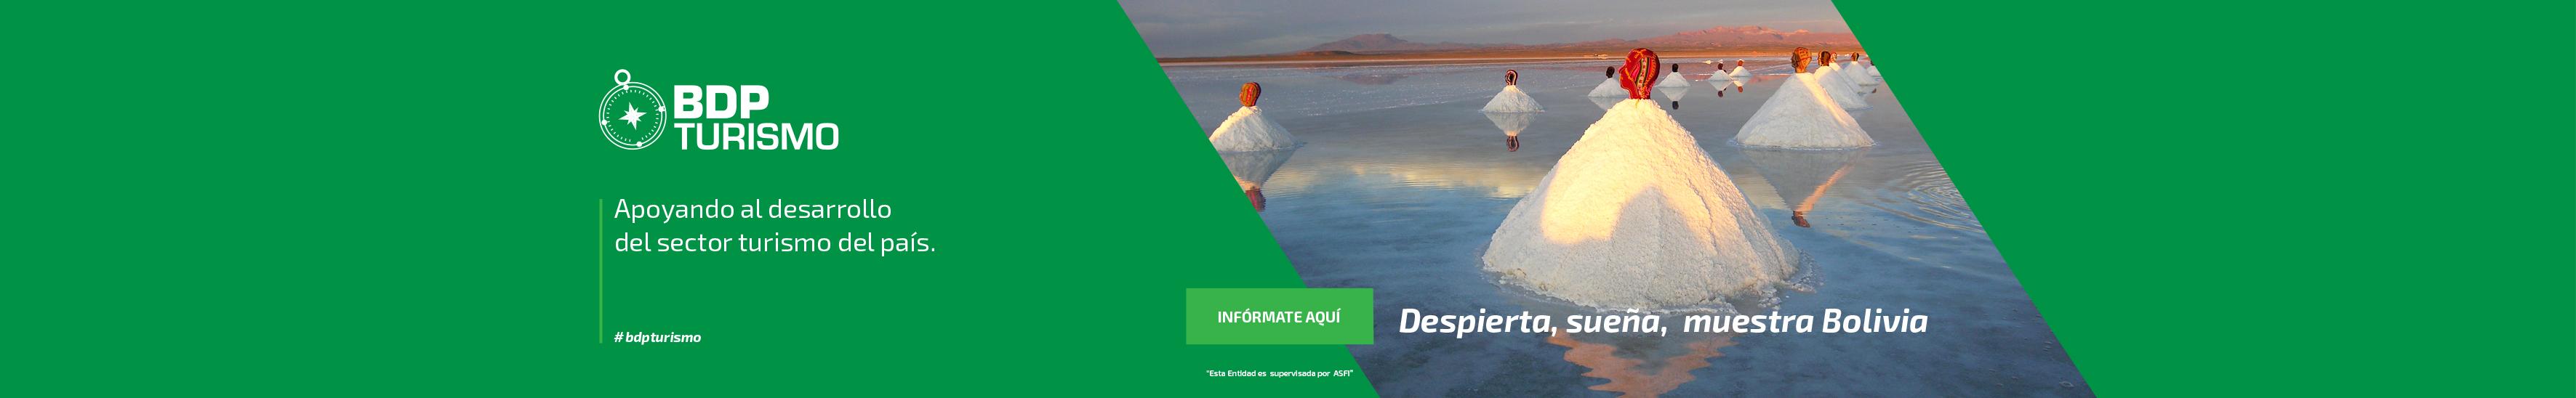 BDP Turismo